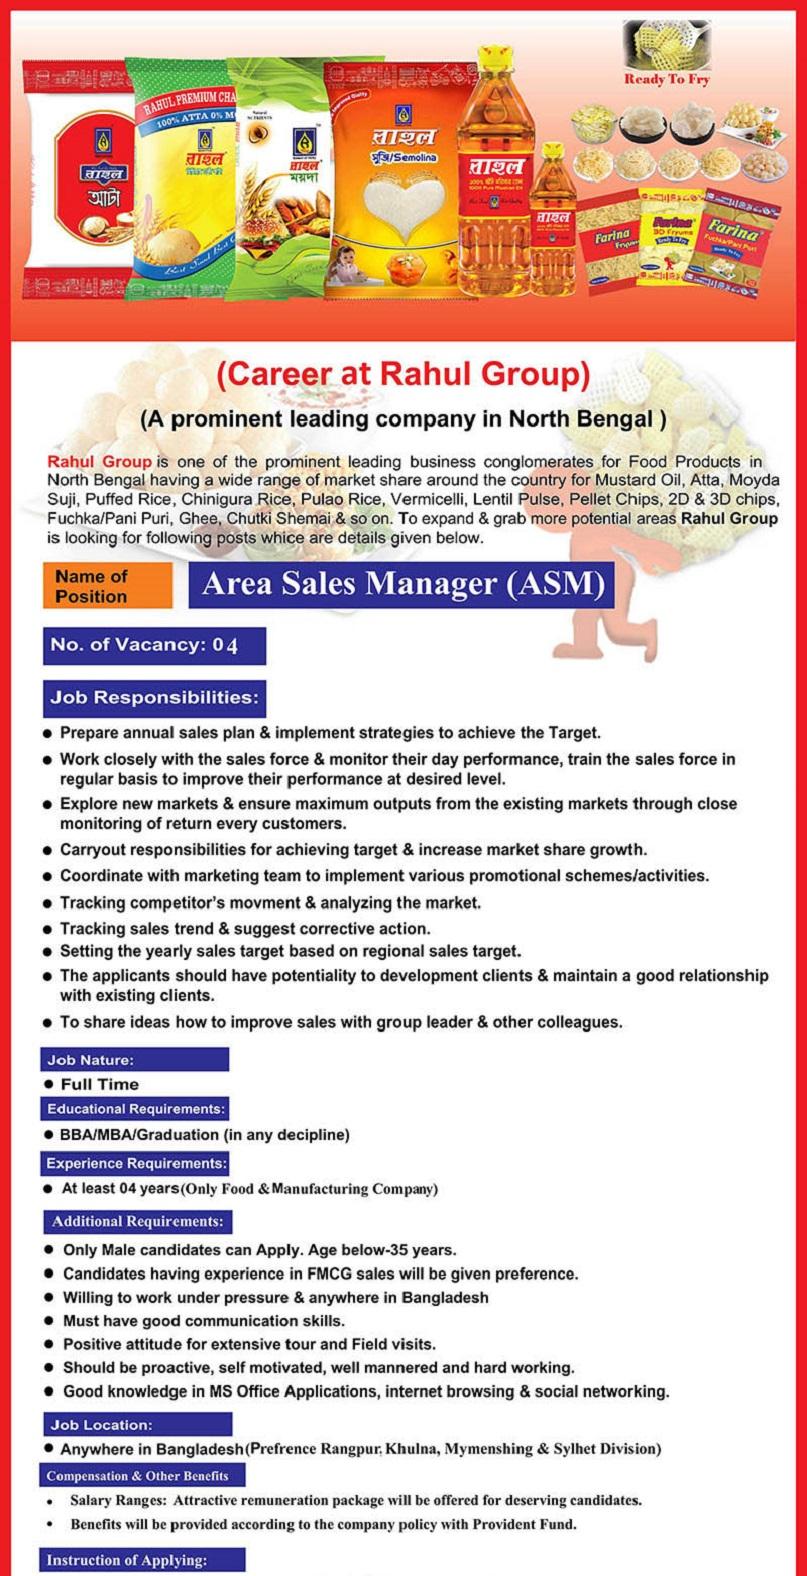 রাহুল গ্রুপ জব সার্কুলার ২০২০ Rahul Group Job Circular 2020 ৩১